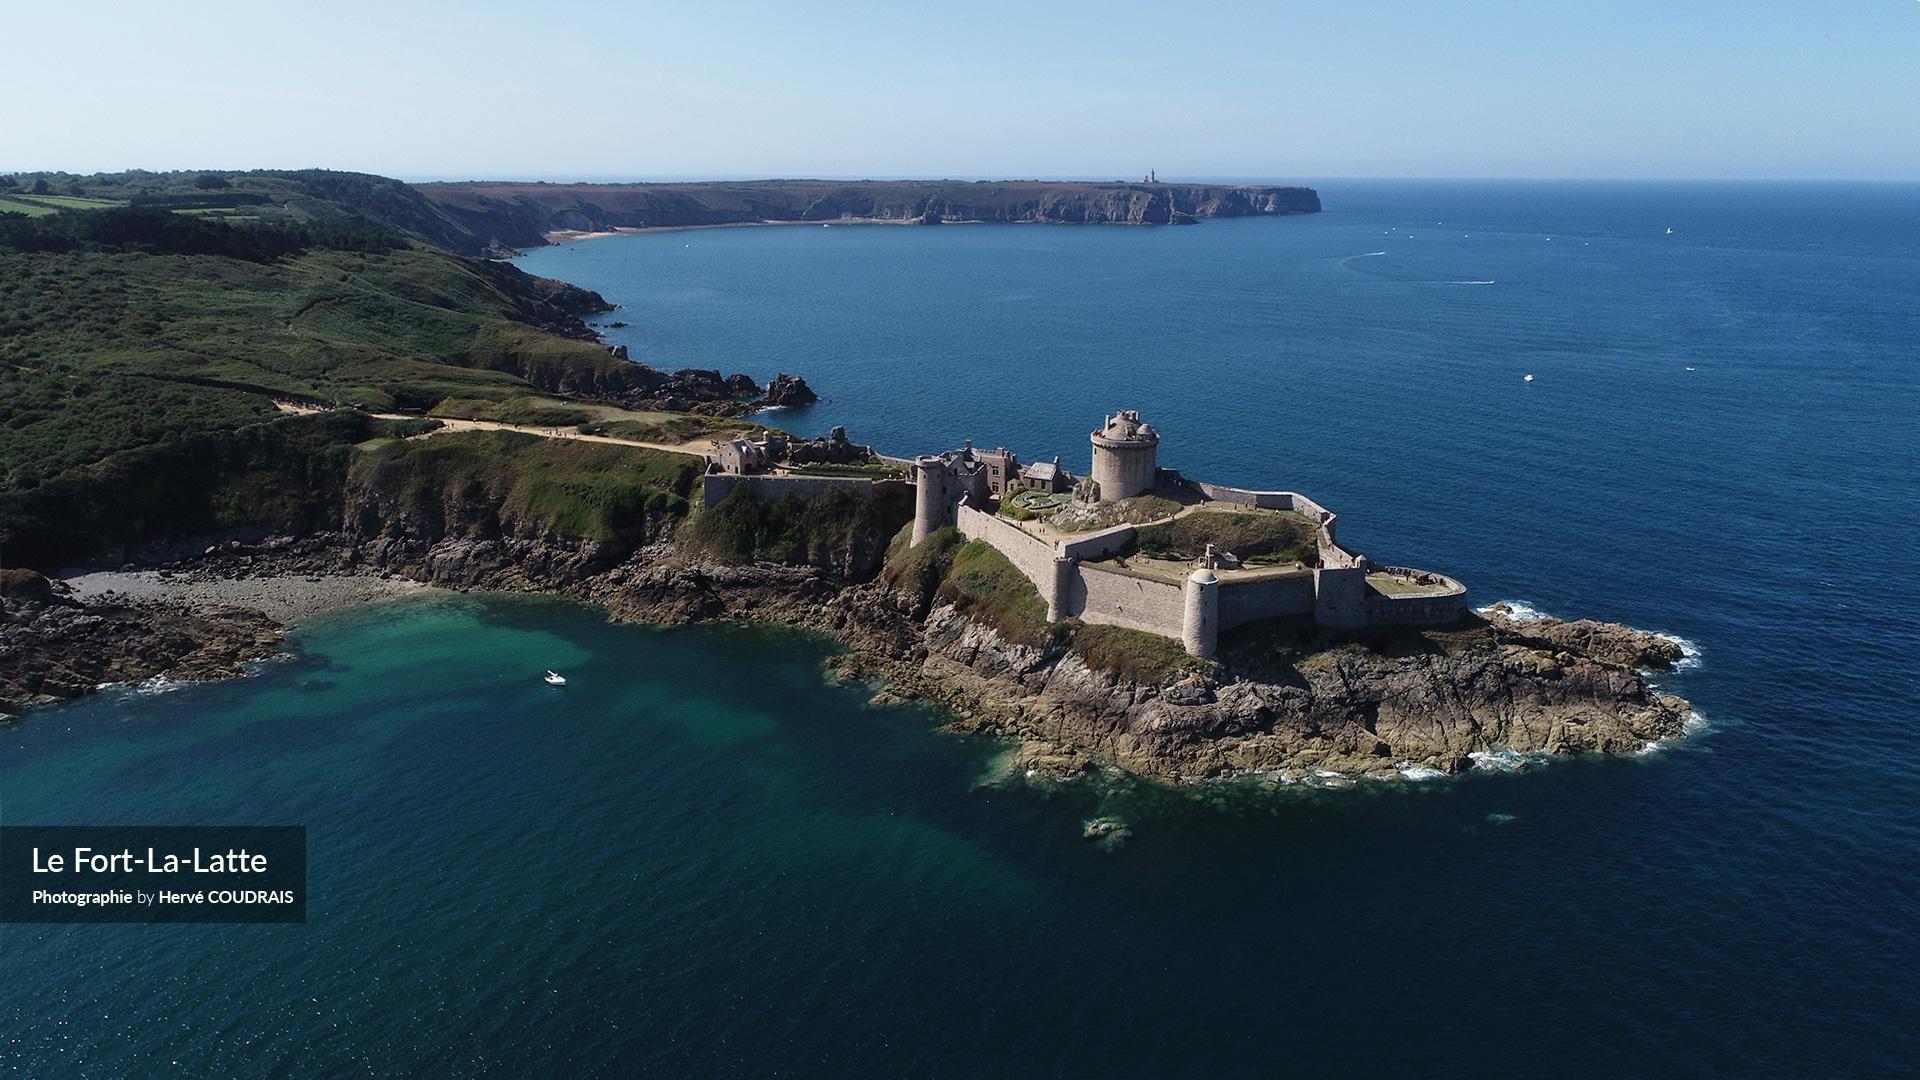 Le Fort La-Latte, Plévenon, Fréhel, Photographie Hervé Coudrais, Côtes d'Armor, Bretagne, drone, tourisme, vu du ciel,